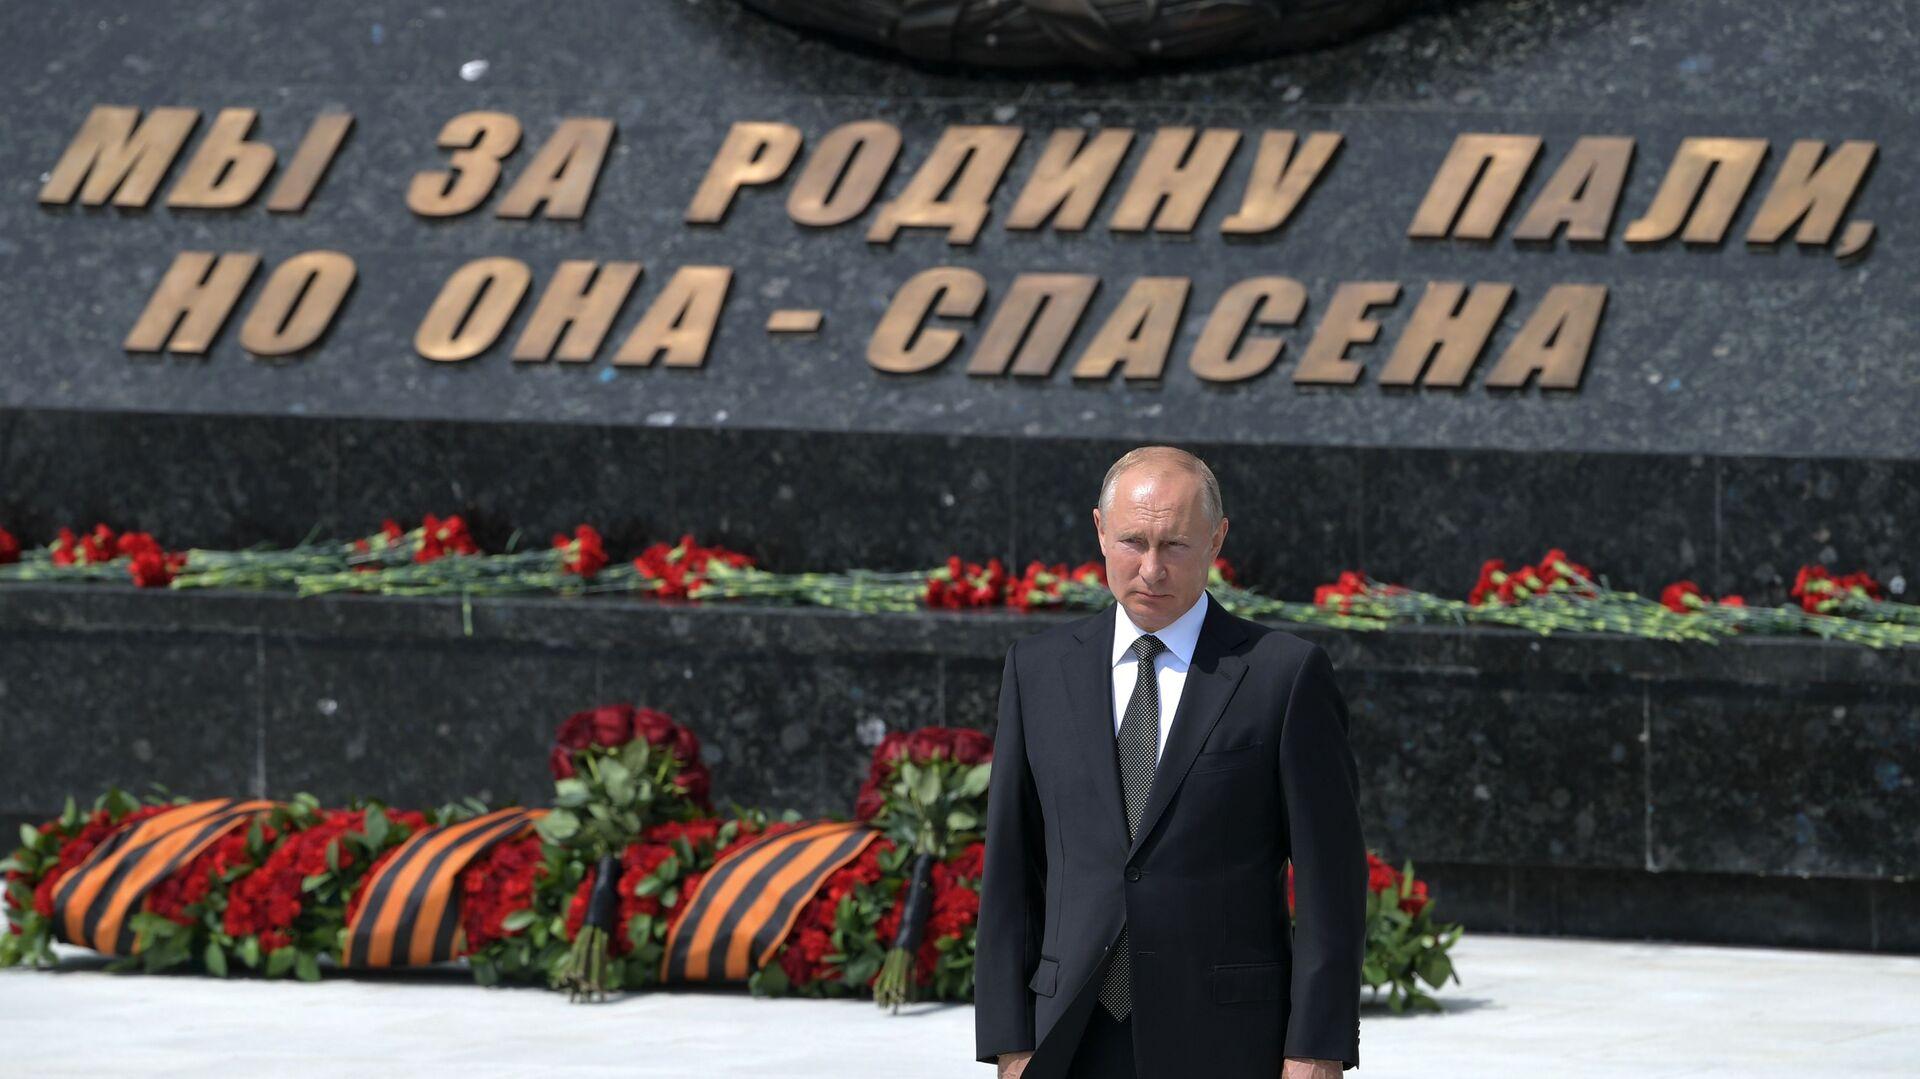 Il presidente russo Vladimir Putin alla cerimonia di inaugurazione di un monumento al soldato sovietico nella regione di Tver. - Sputnik Italia, 1920, 09.06.2021